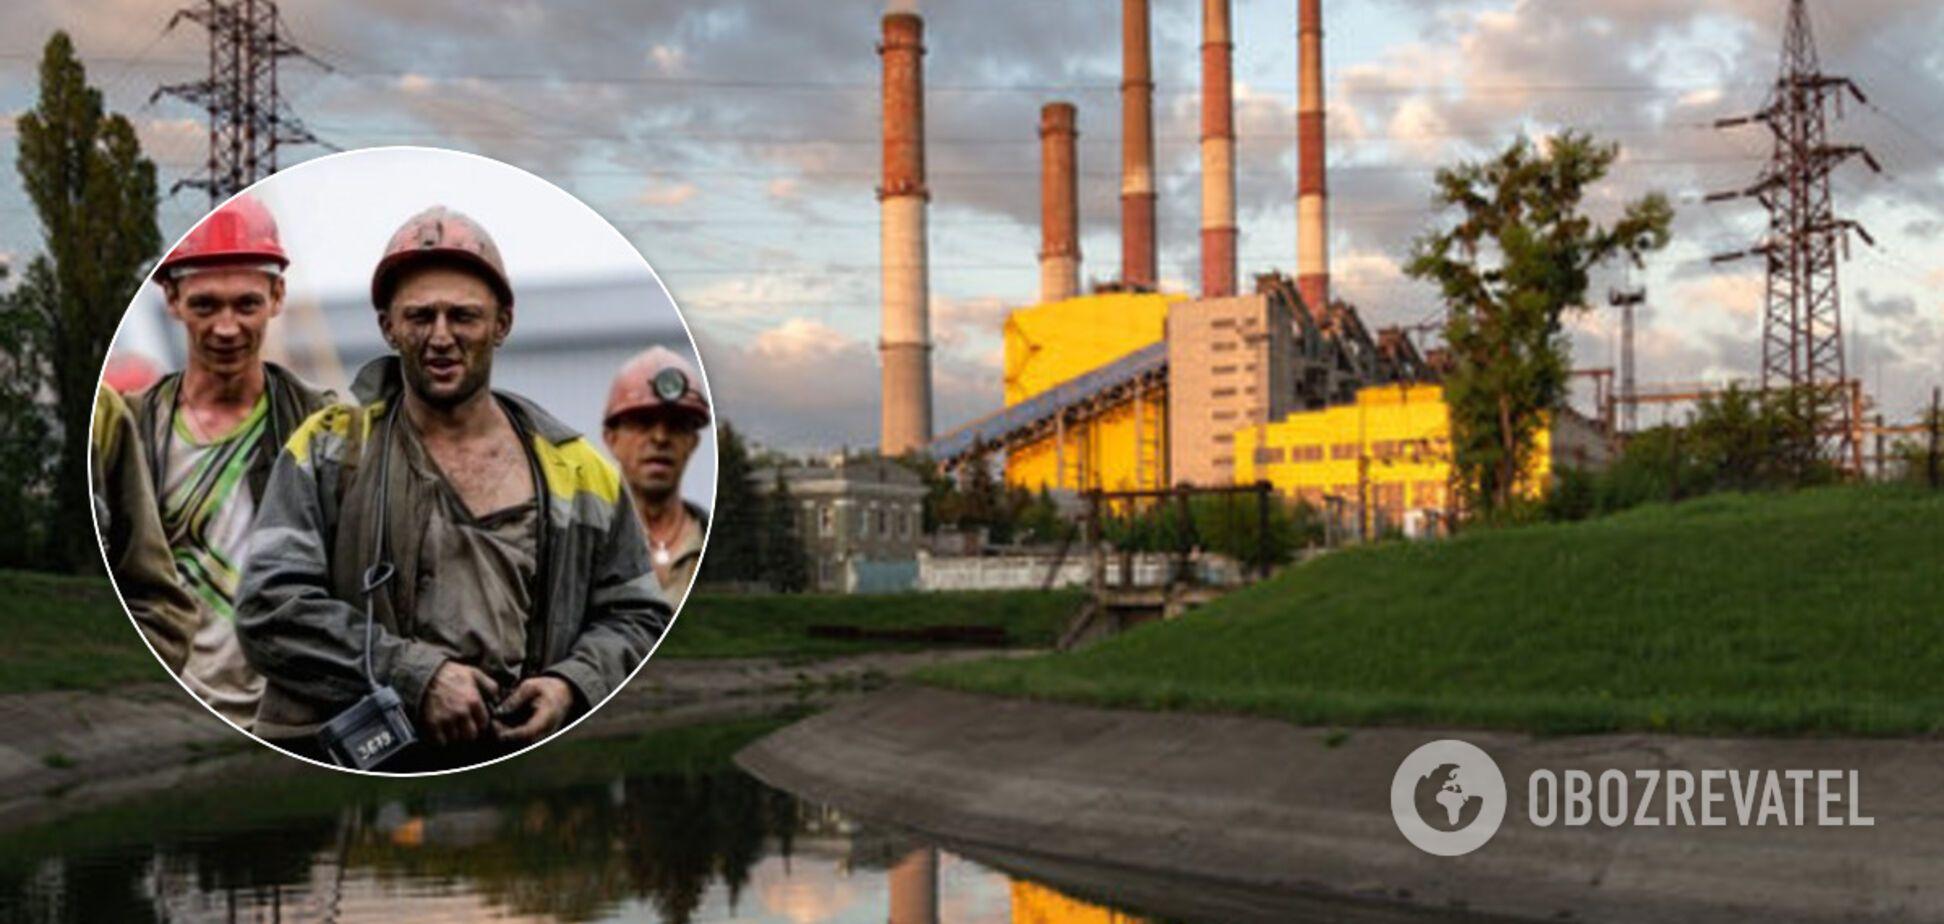 Після обіцянки Зеленського 'Центренерго' виплатило 0,5% боргу шахтарям